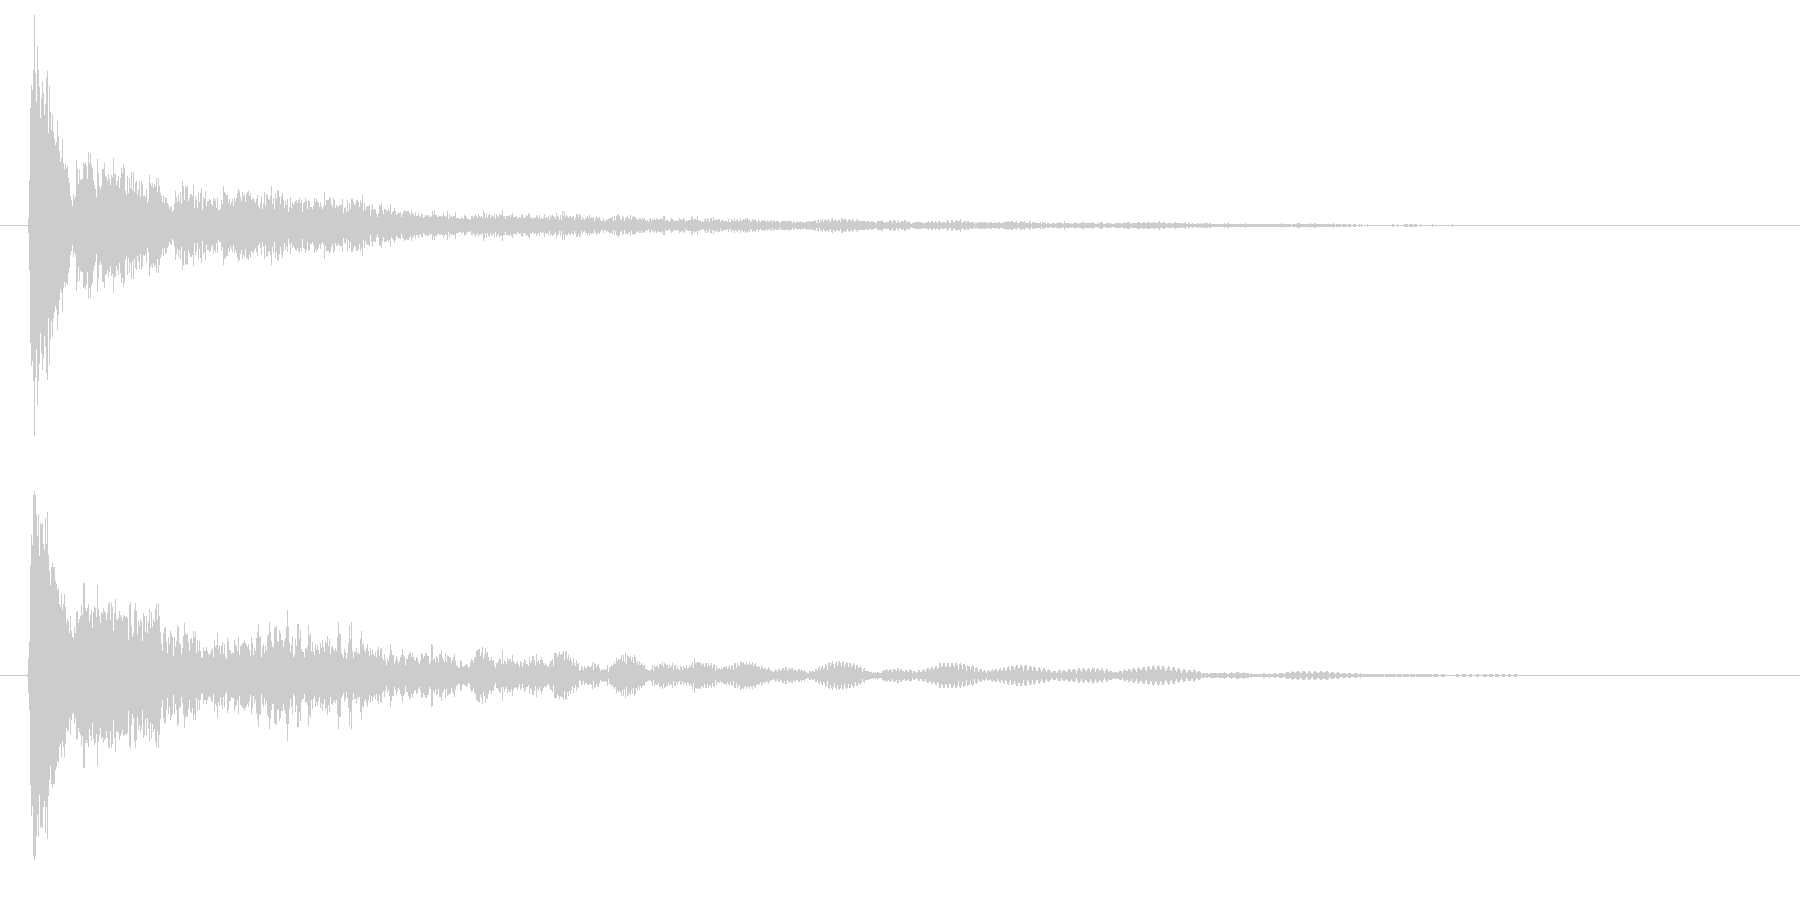 擬音【きゅーんふぉー】192kbps …の未再生の波形